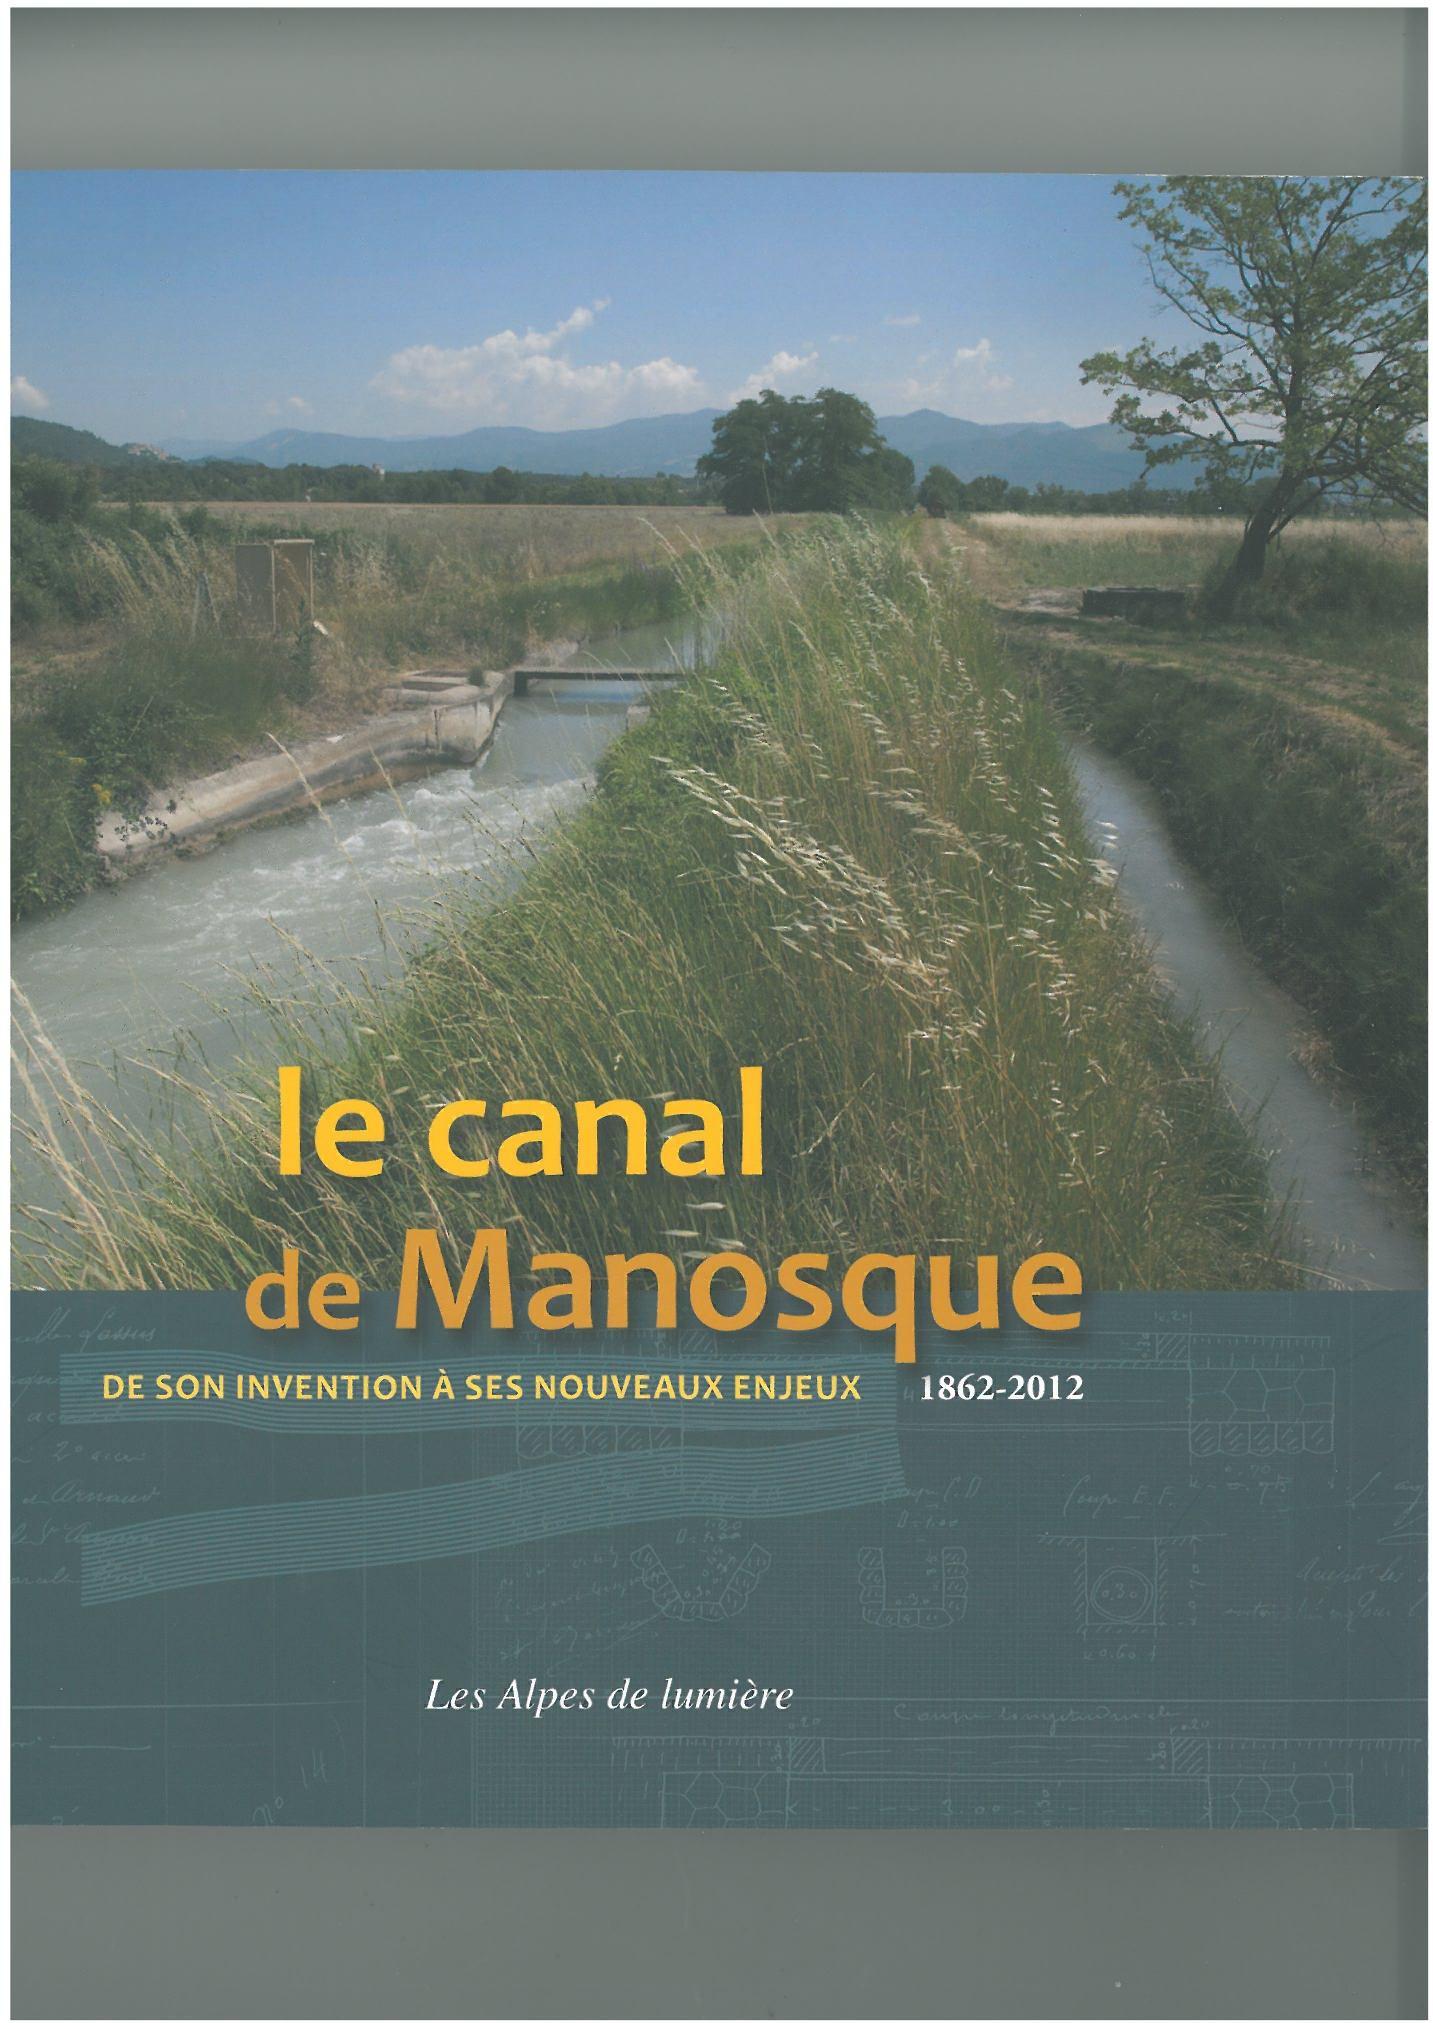 LE CANAL DE MANOSQUE - DE SON INVENTION A SES NOUVEAUX ENJEUX 1862-2012